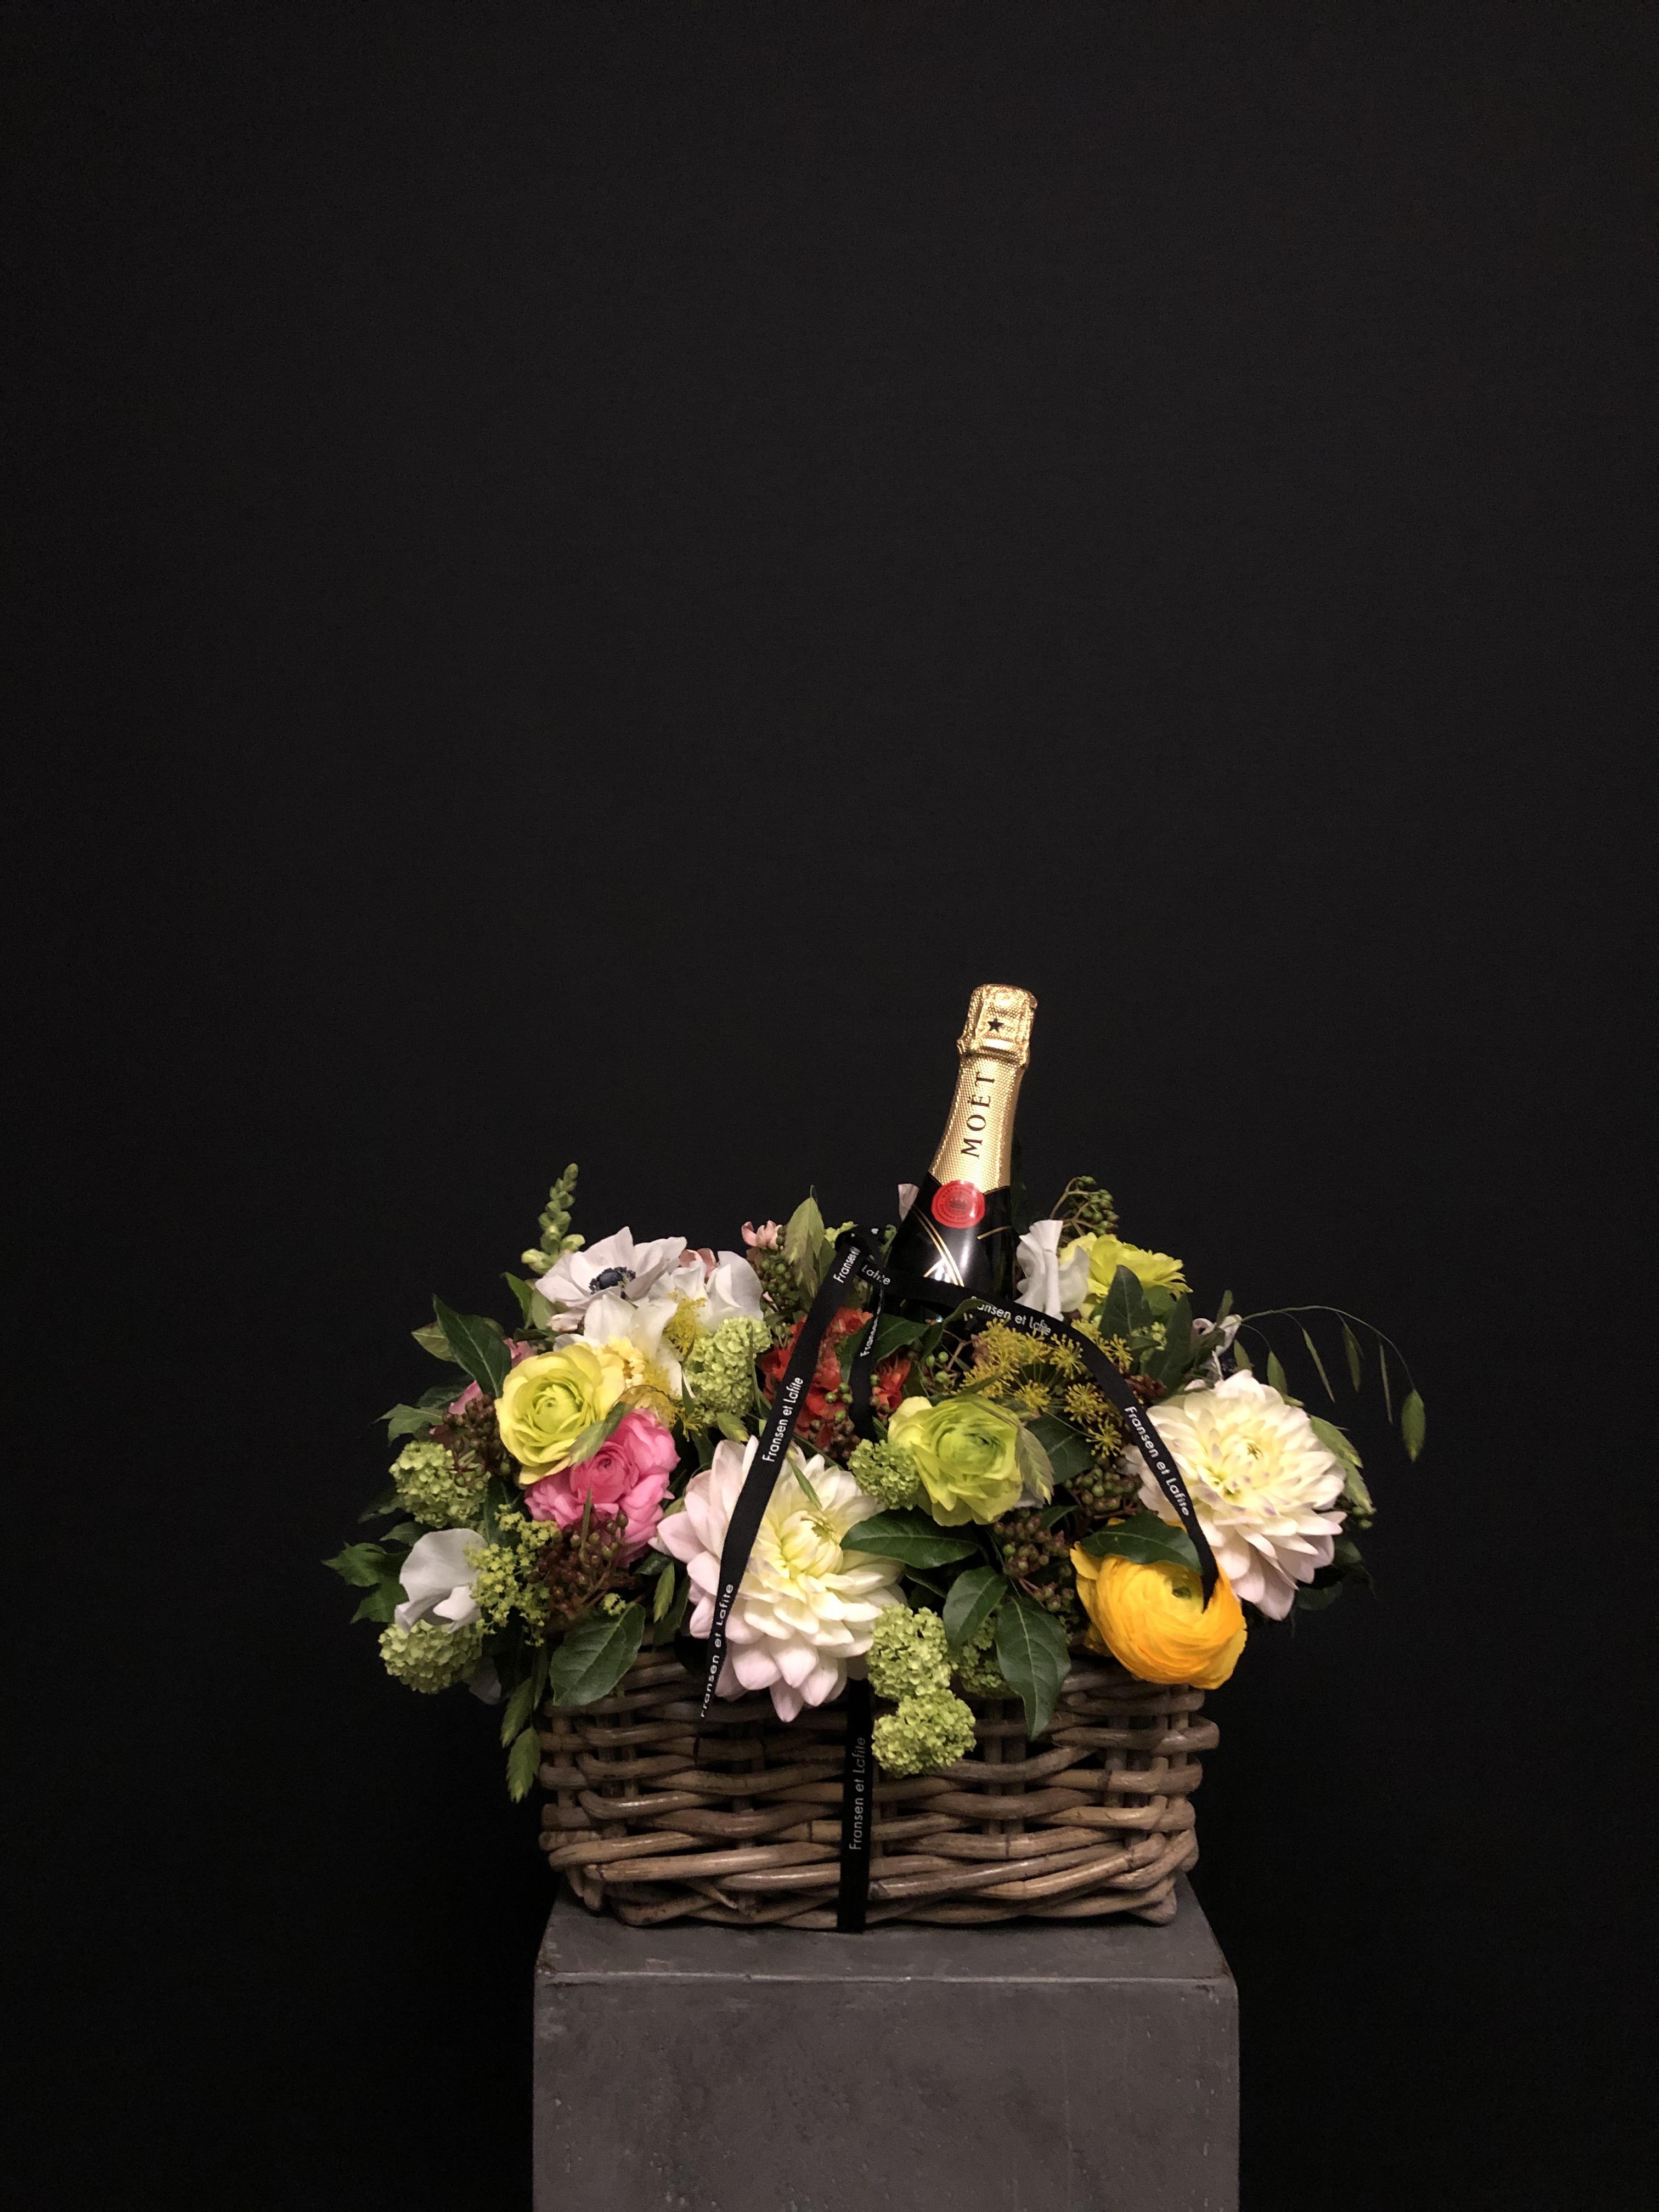 Cesta con flores y champagne Moët Chandon